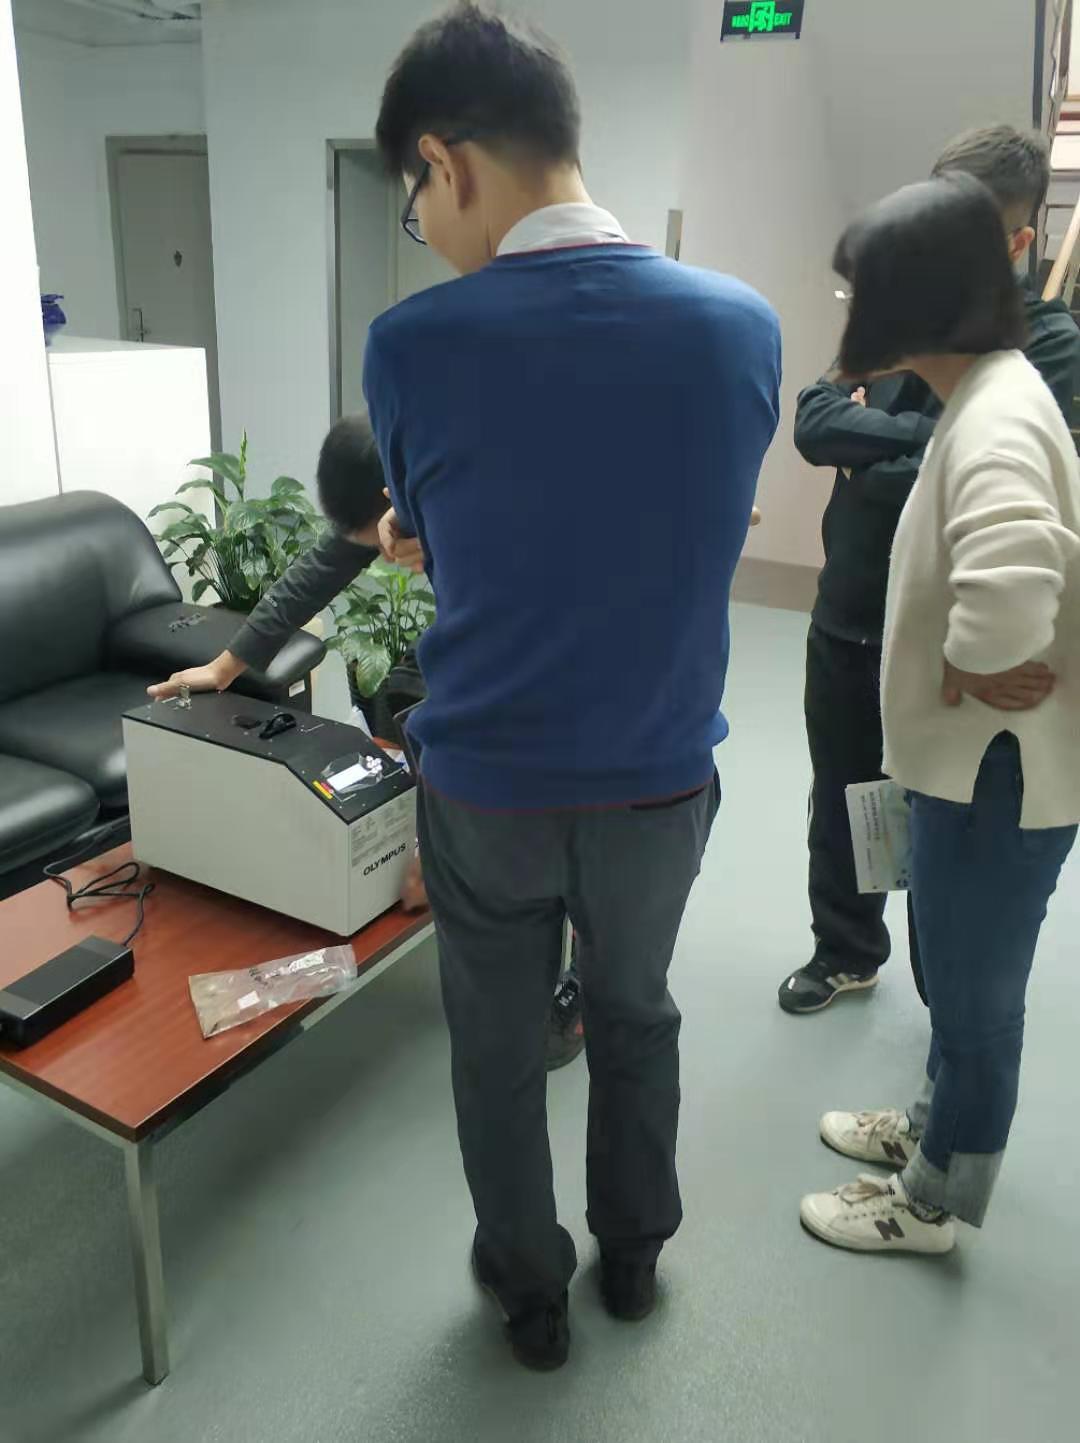 长沙古墓勘探手持式考古分析仪进口 欢迎咨询 上海赢洲科技供应